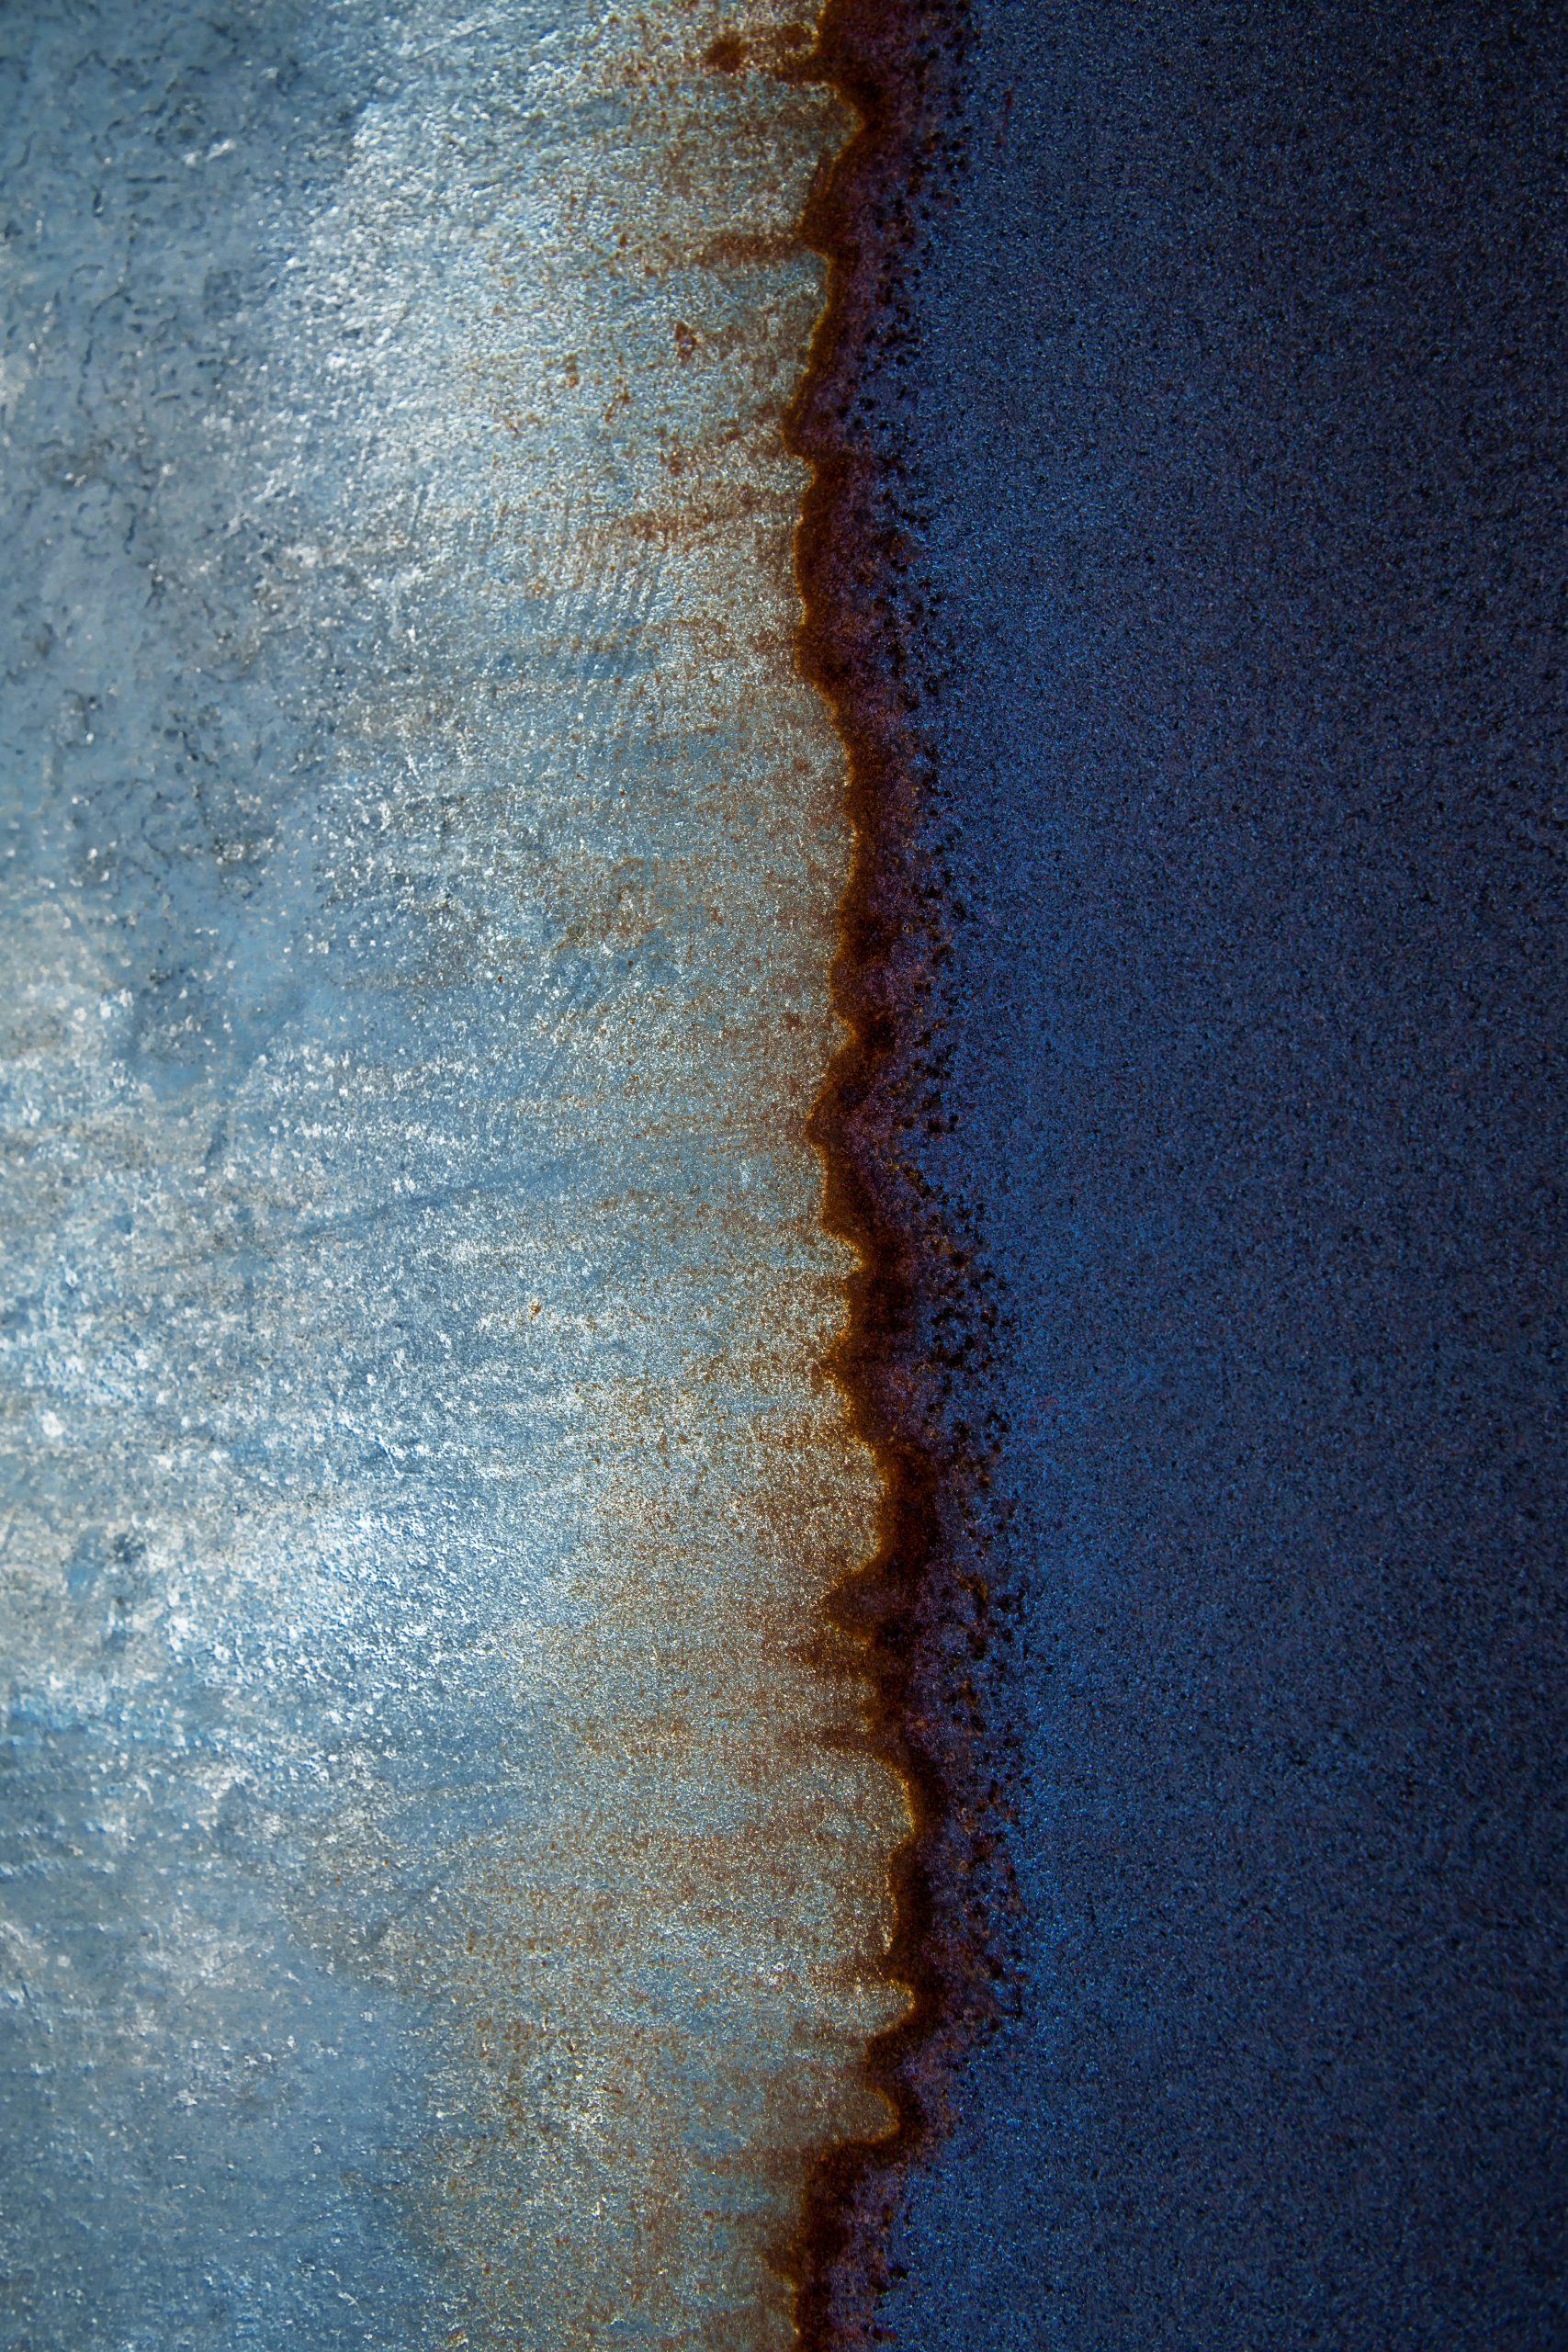 pexels-tim-mossholder-3612929